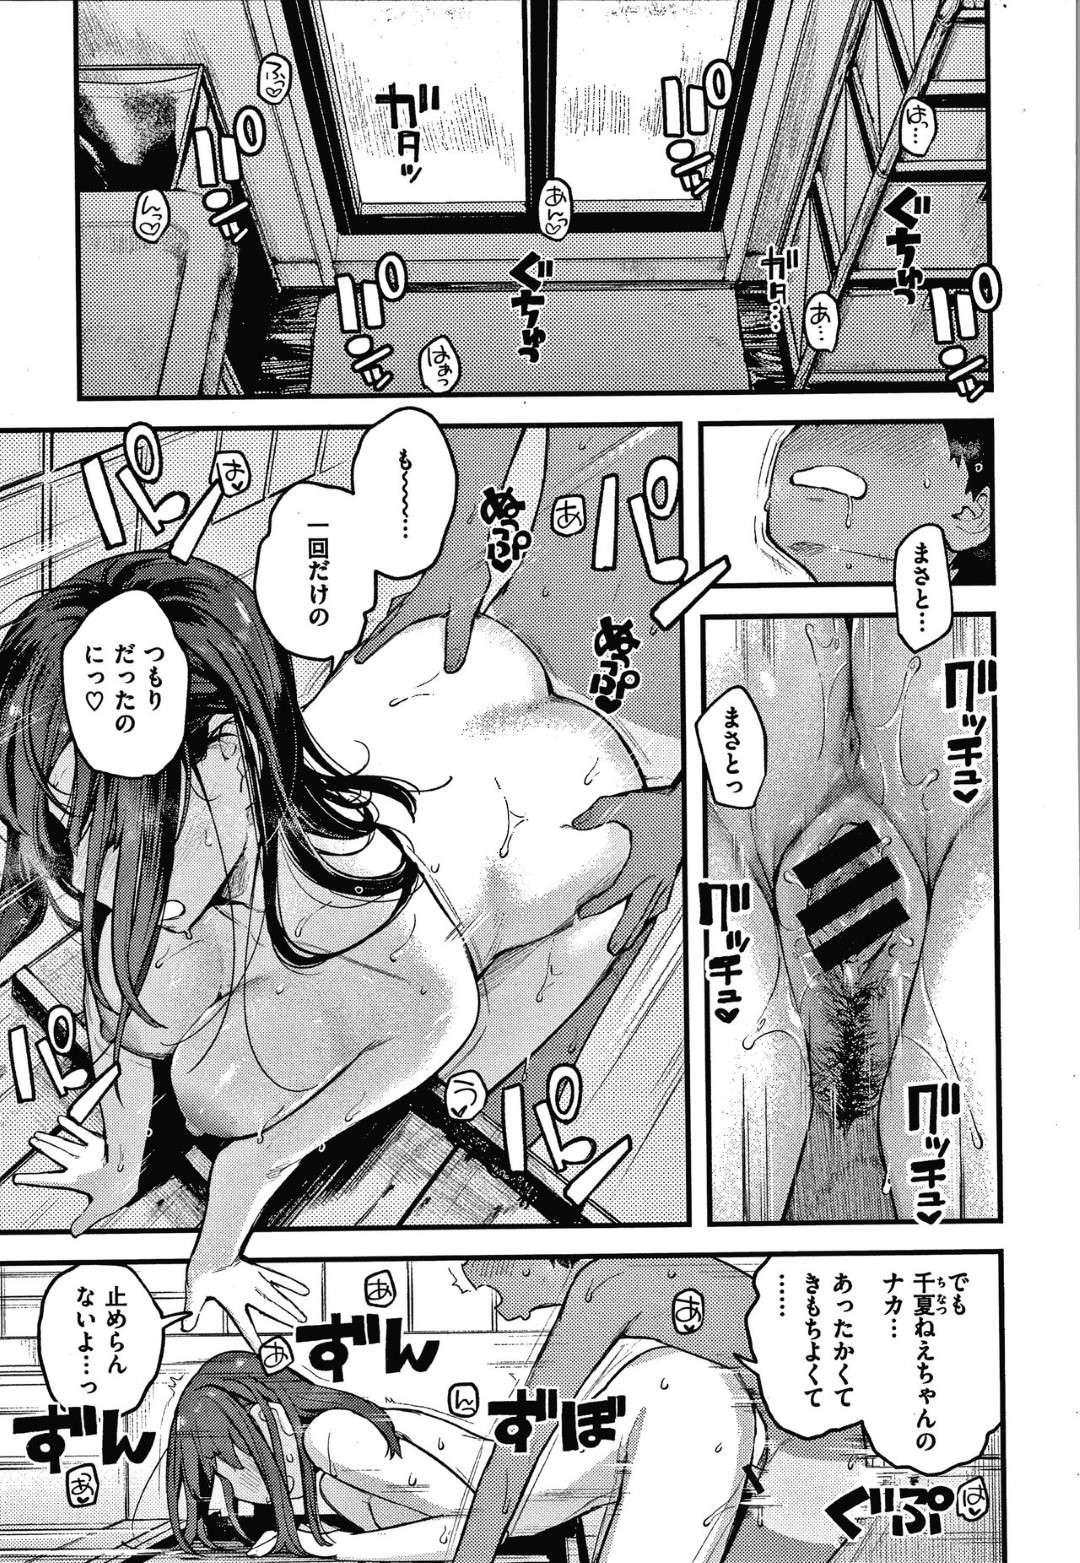 【エロ漫画】夏休みに帰ってくる仲良しの少年と過ごすJK…キス以上のことに興味を持った少年に筆おろし!【楝蛙】